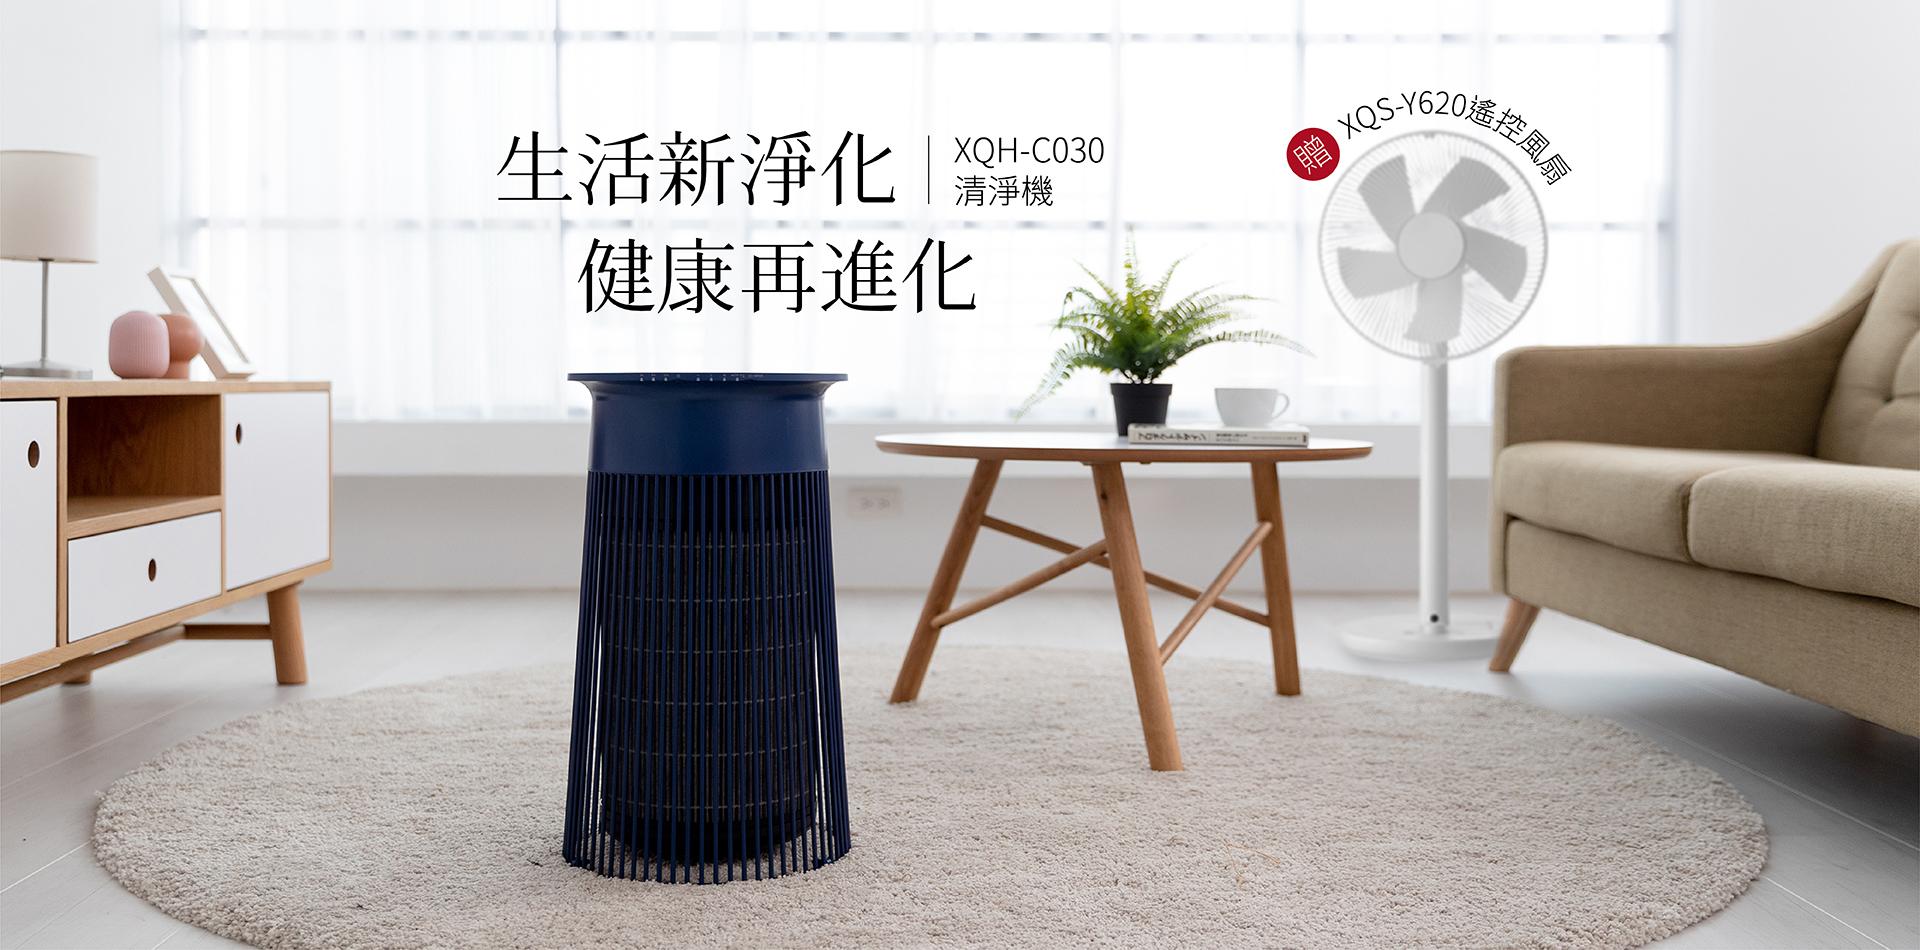 官網獨家▸C030空氣清淨機 買就送XQS-Y620